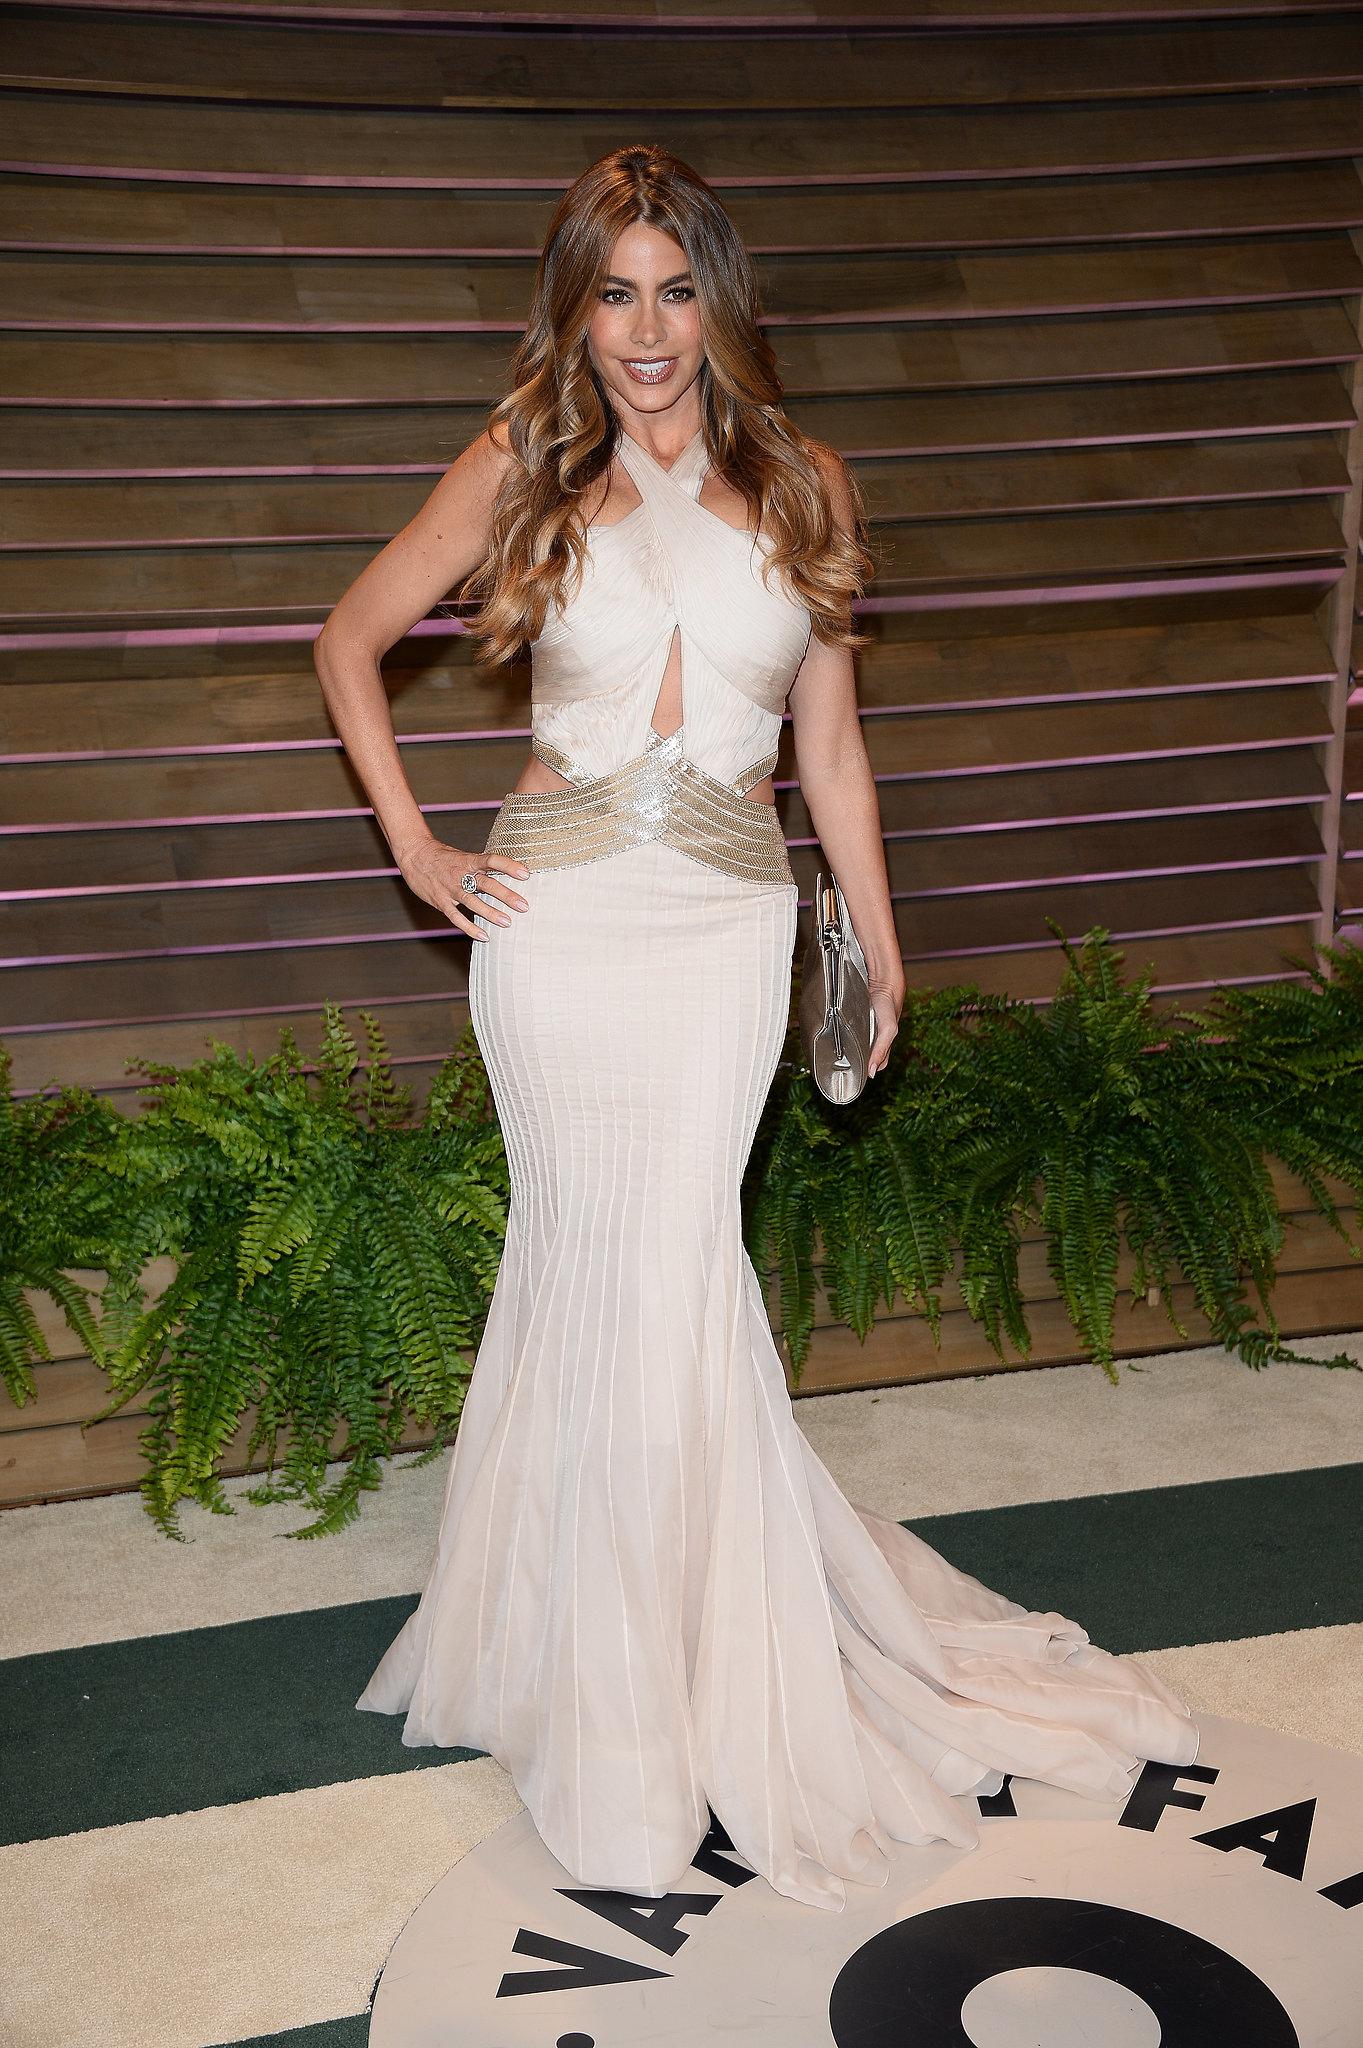 Sofia Vergara at the 2014 Vanity Fair Oscars Party